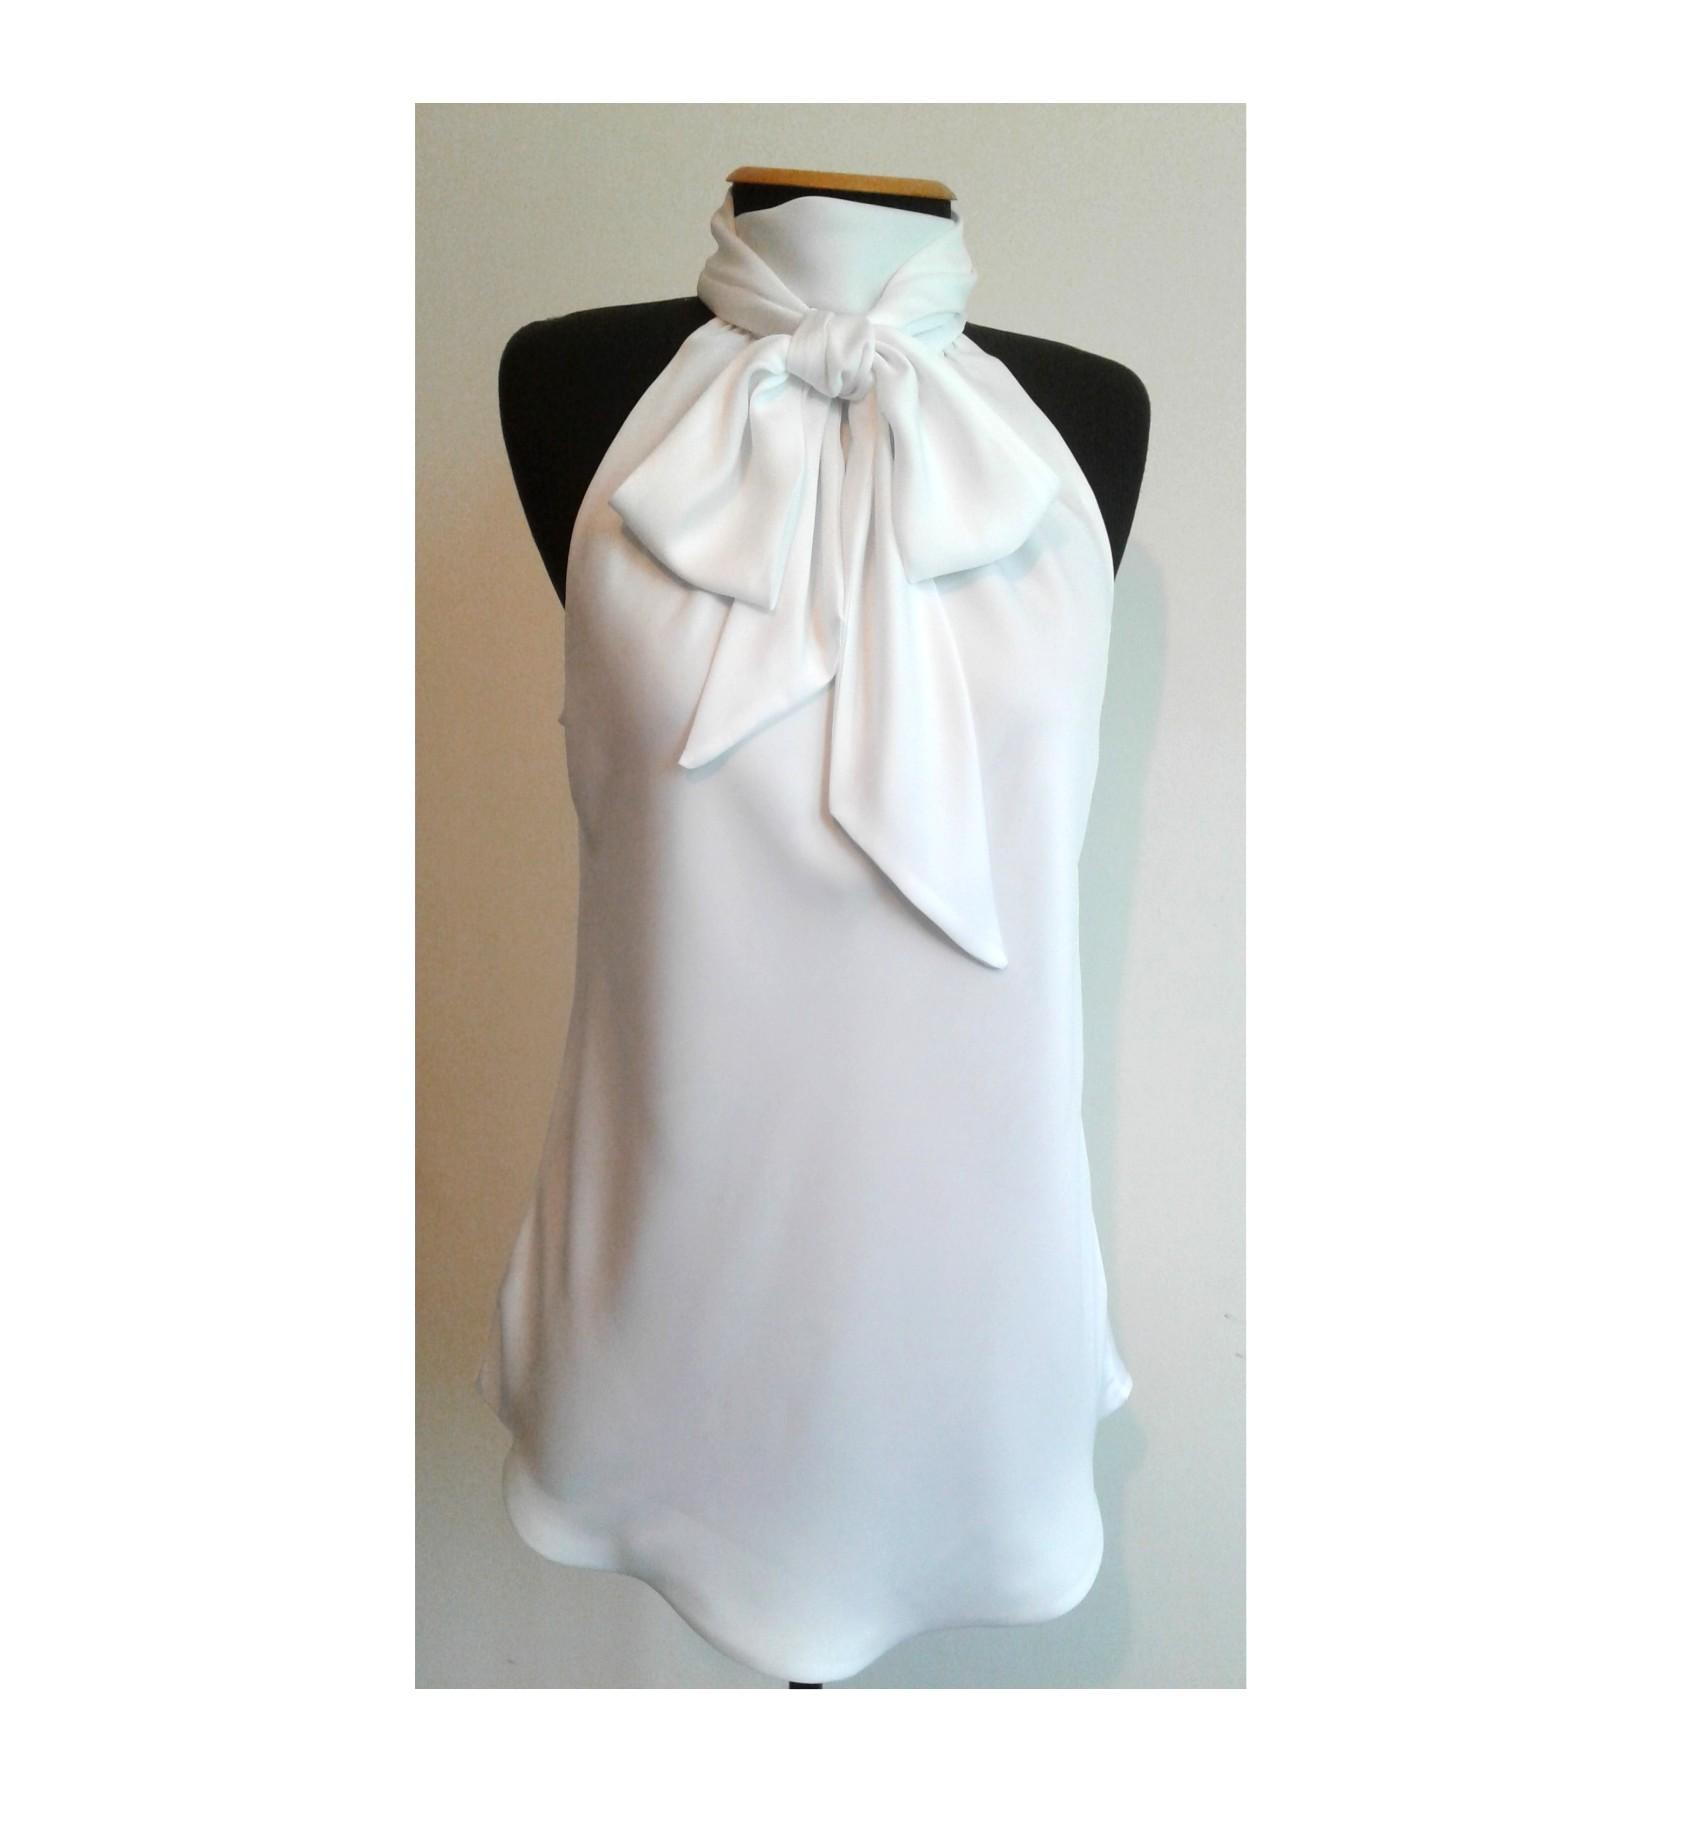 bf0adb9e6 Blusa de Cetim Branca com Gola Laço